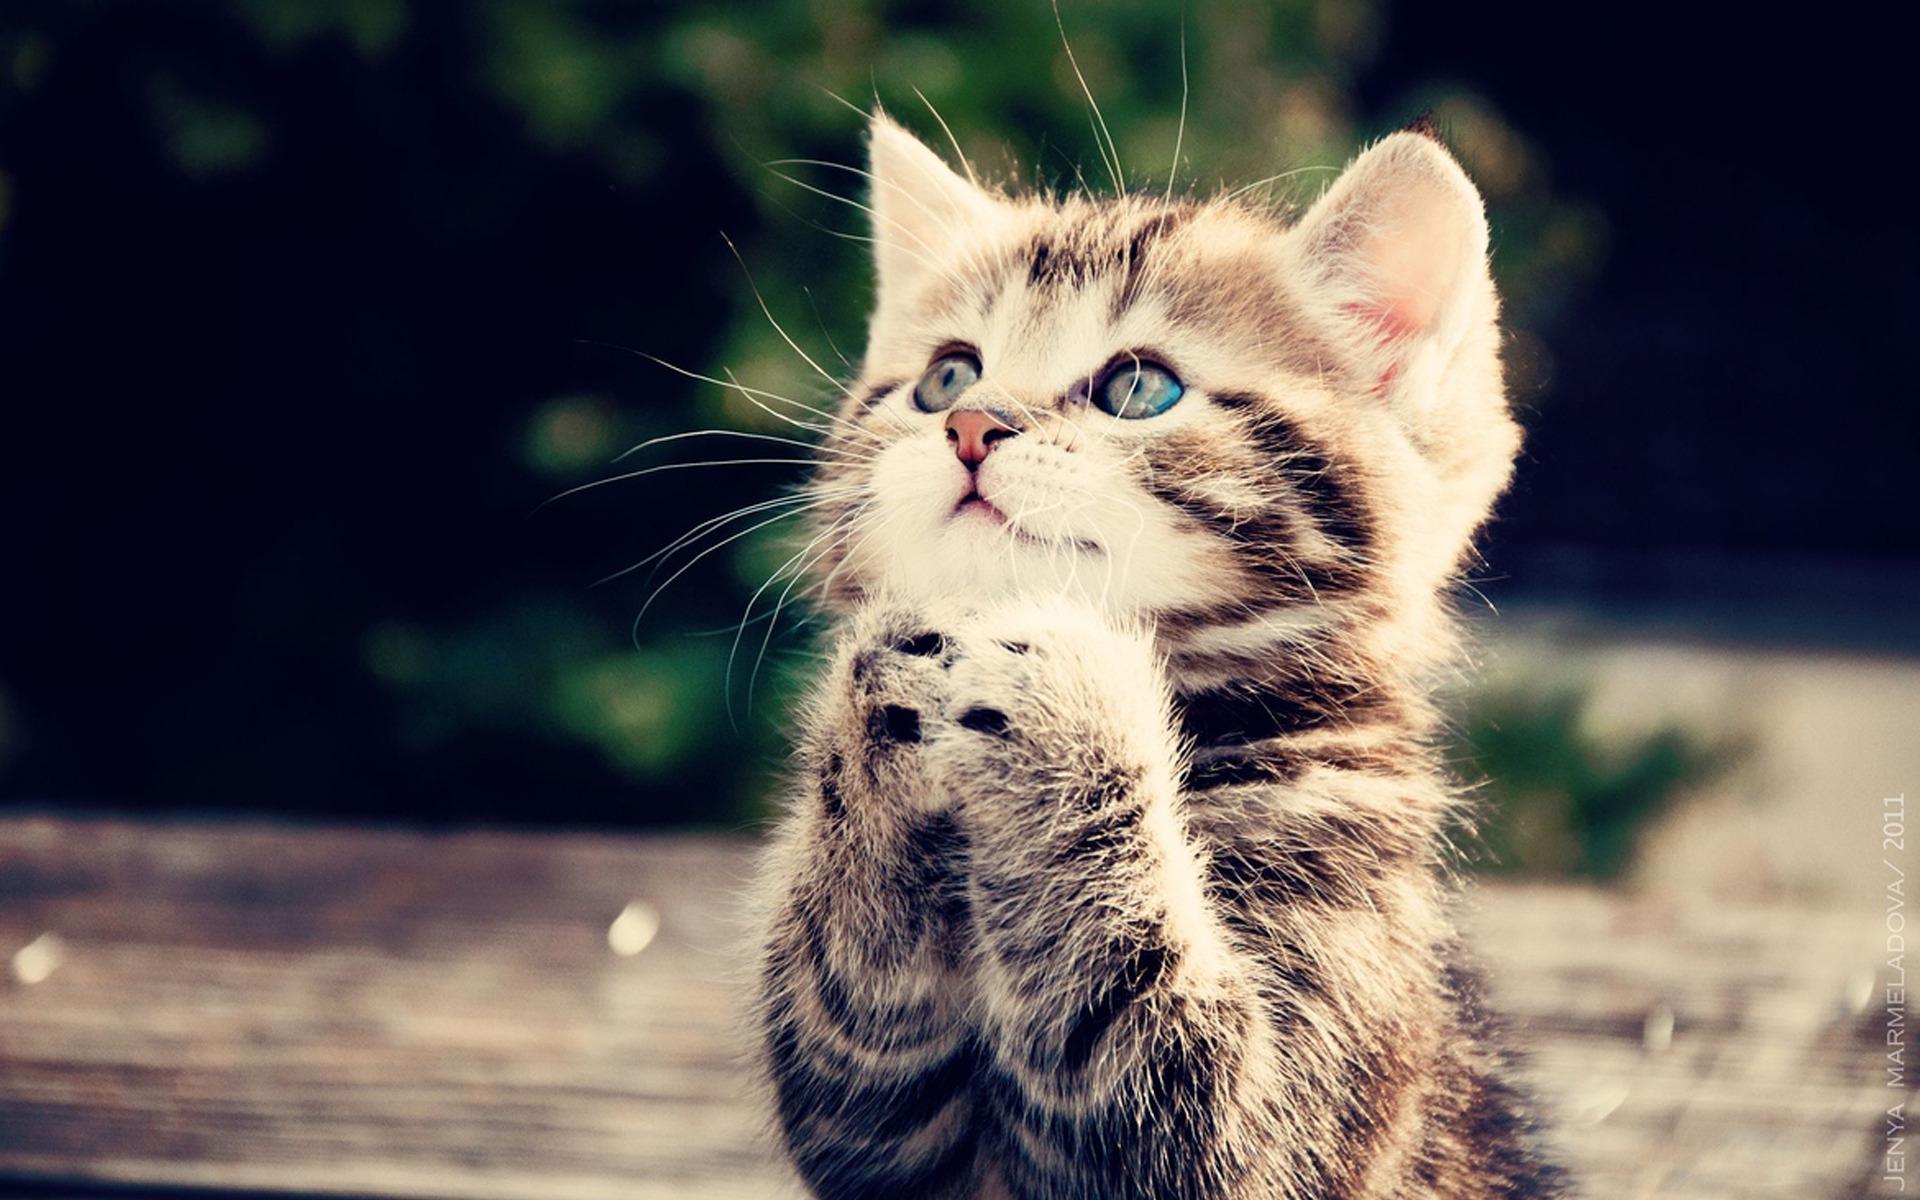 тюлем красивые картинки на телефон со смешными кошками думай